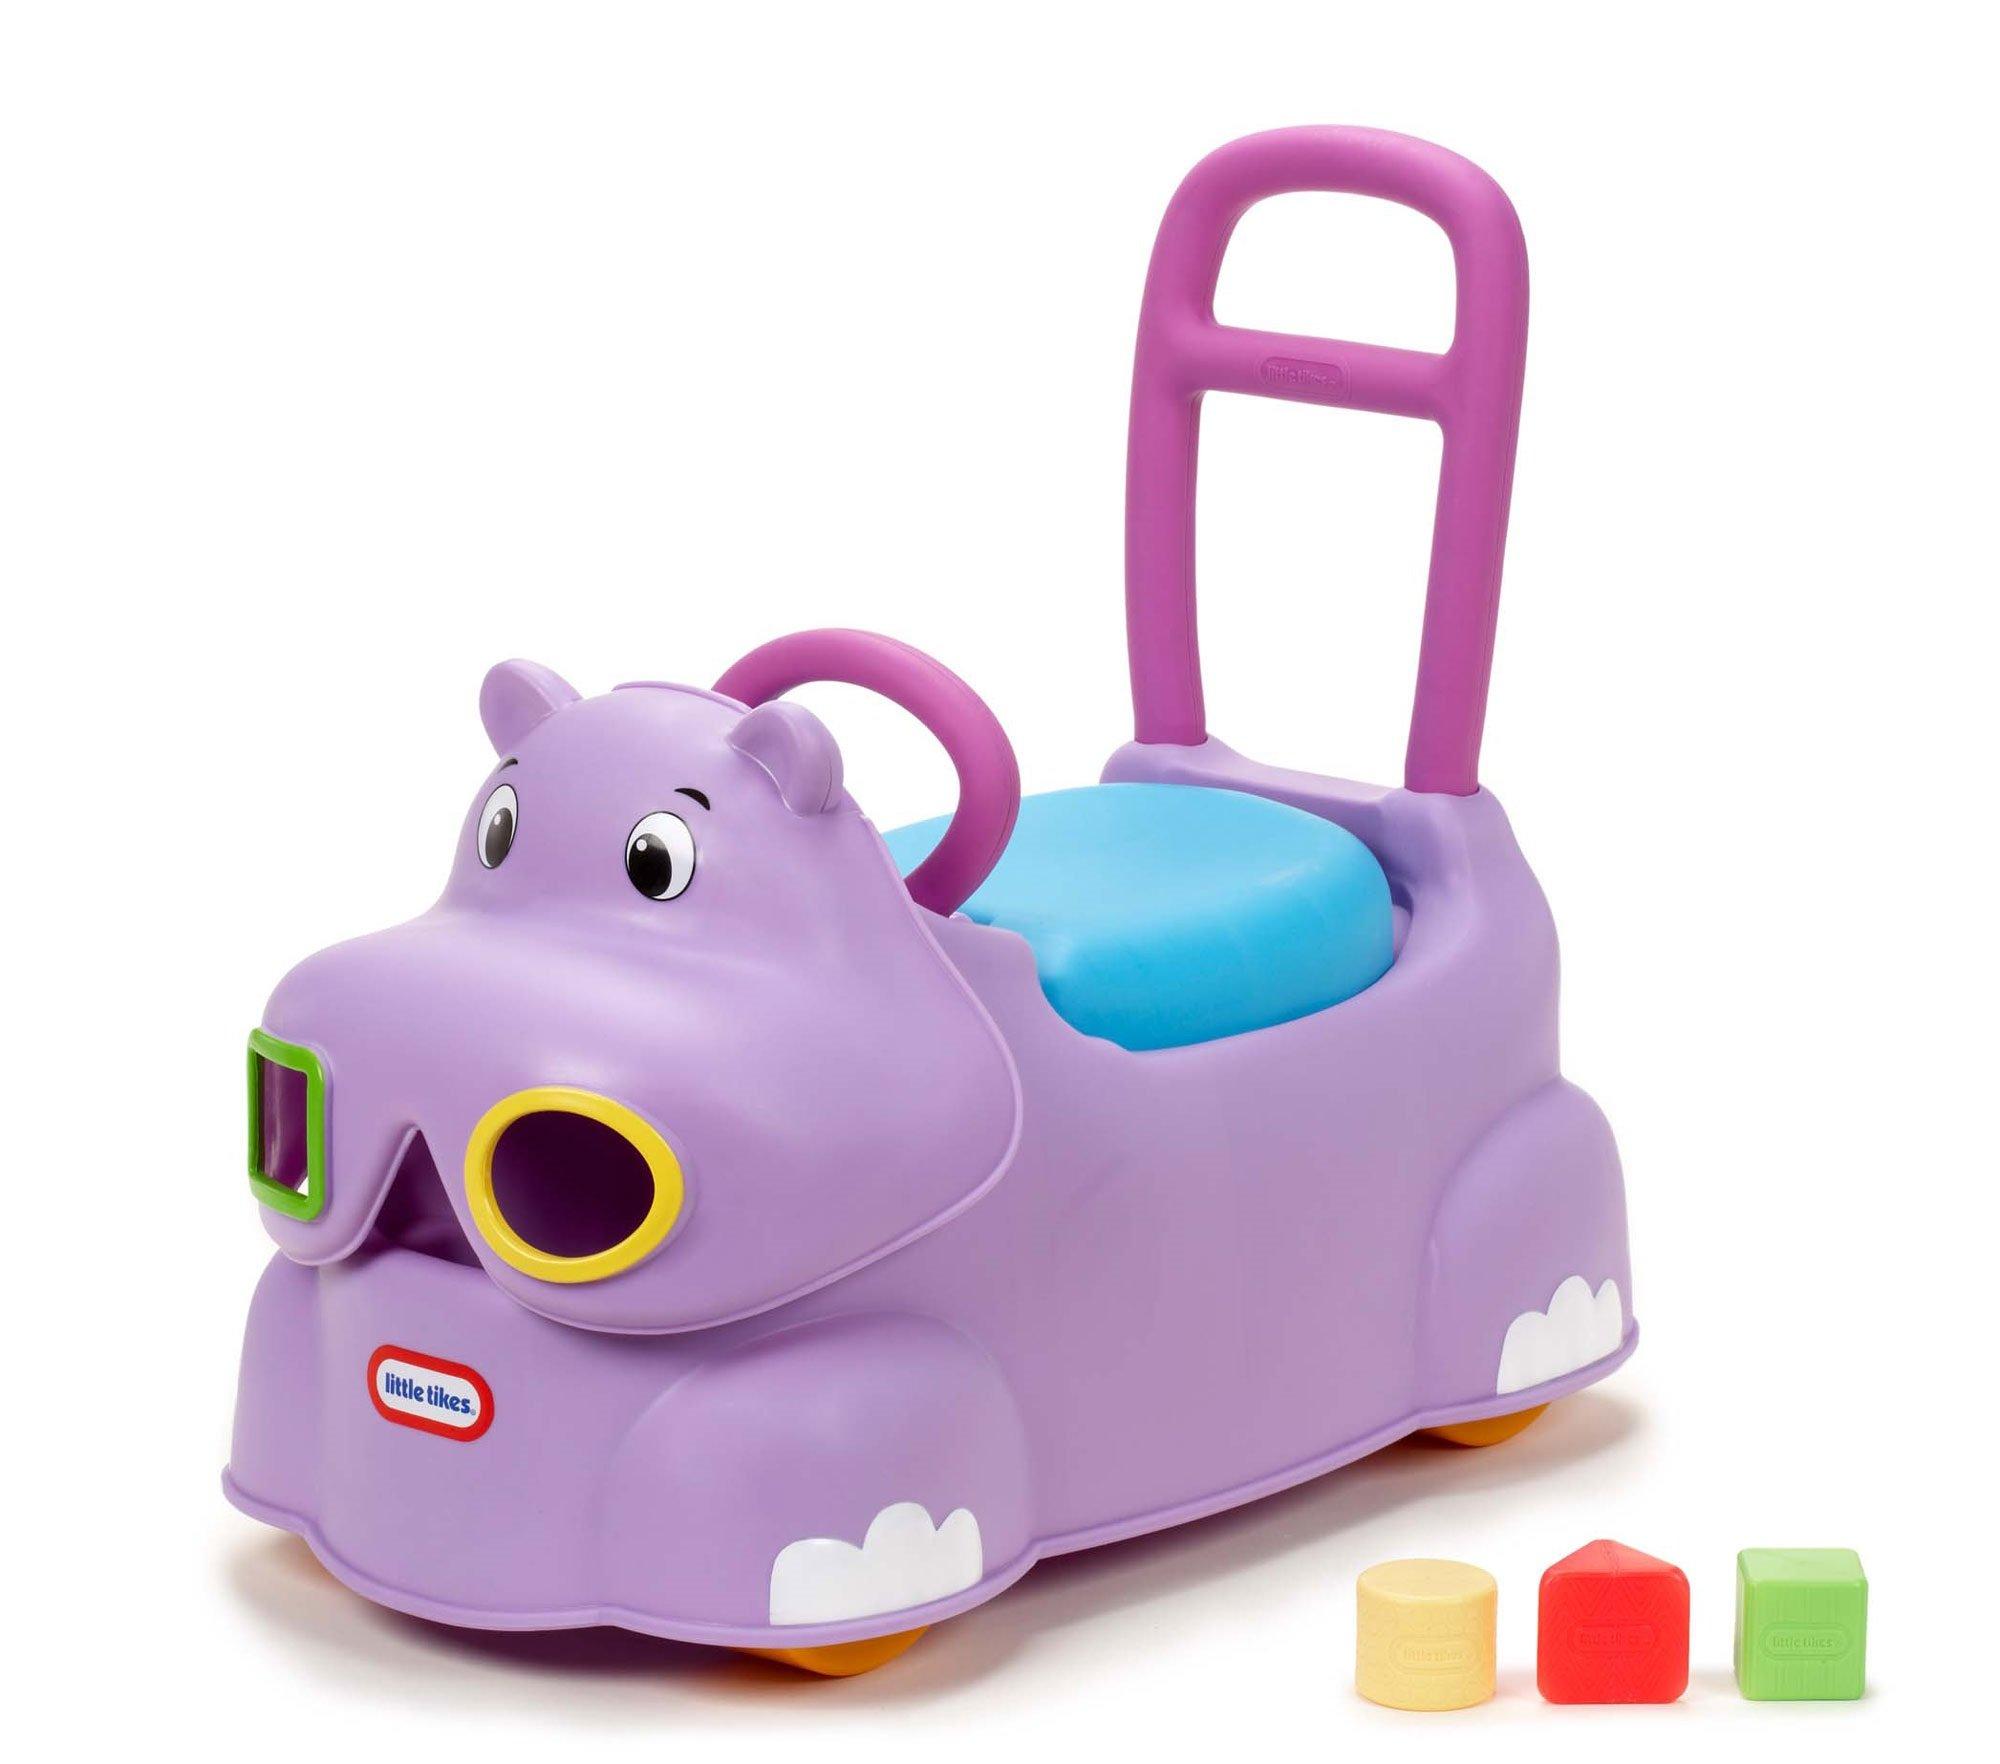 Little Tikes Scoot Around Animal Ride-On - Hippo